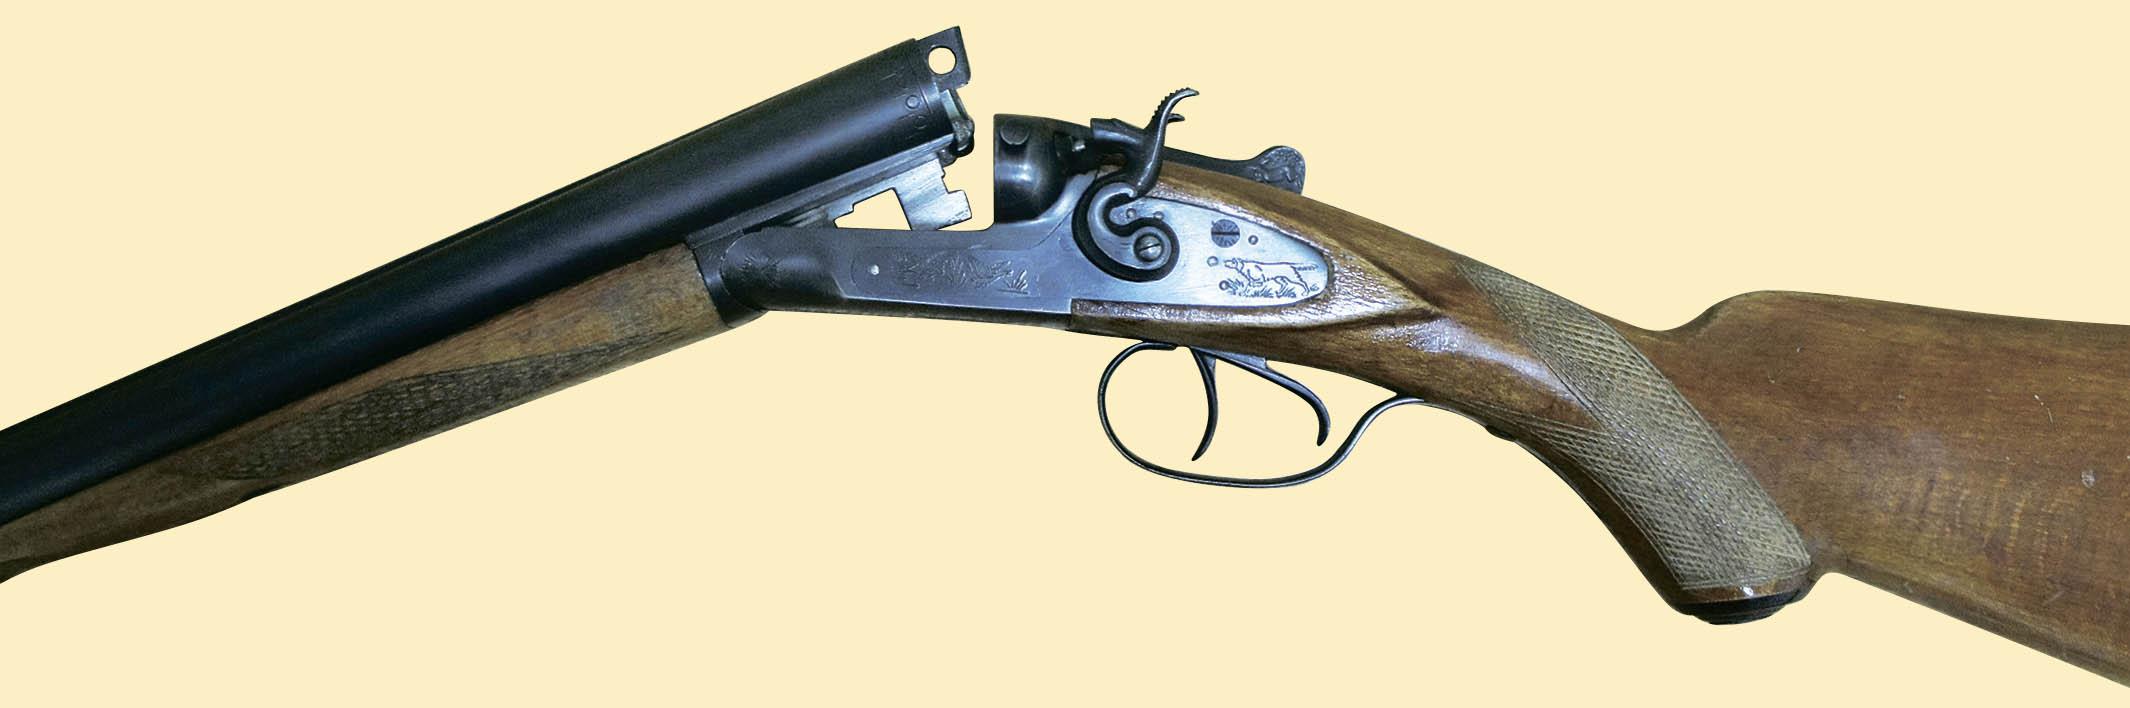 Ружьё ТОЗ-63 с открытым блоком стволов